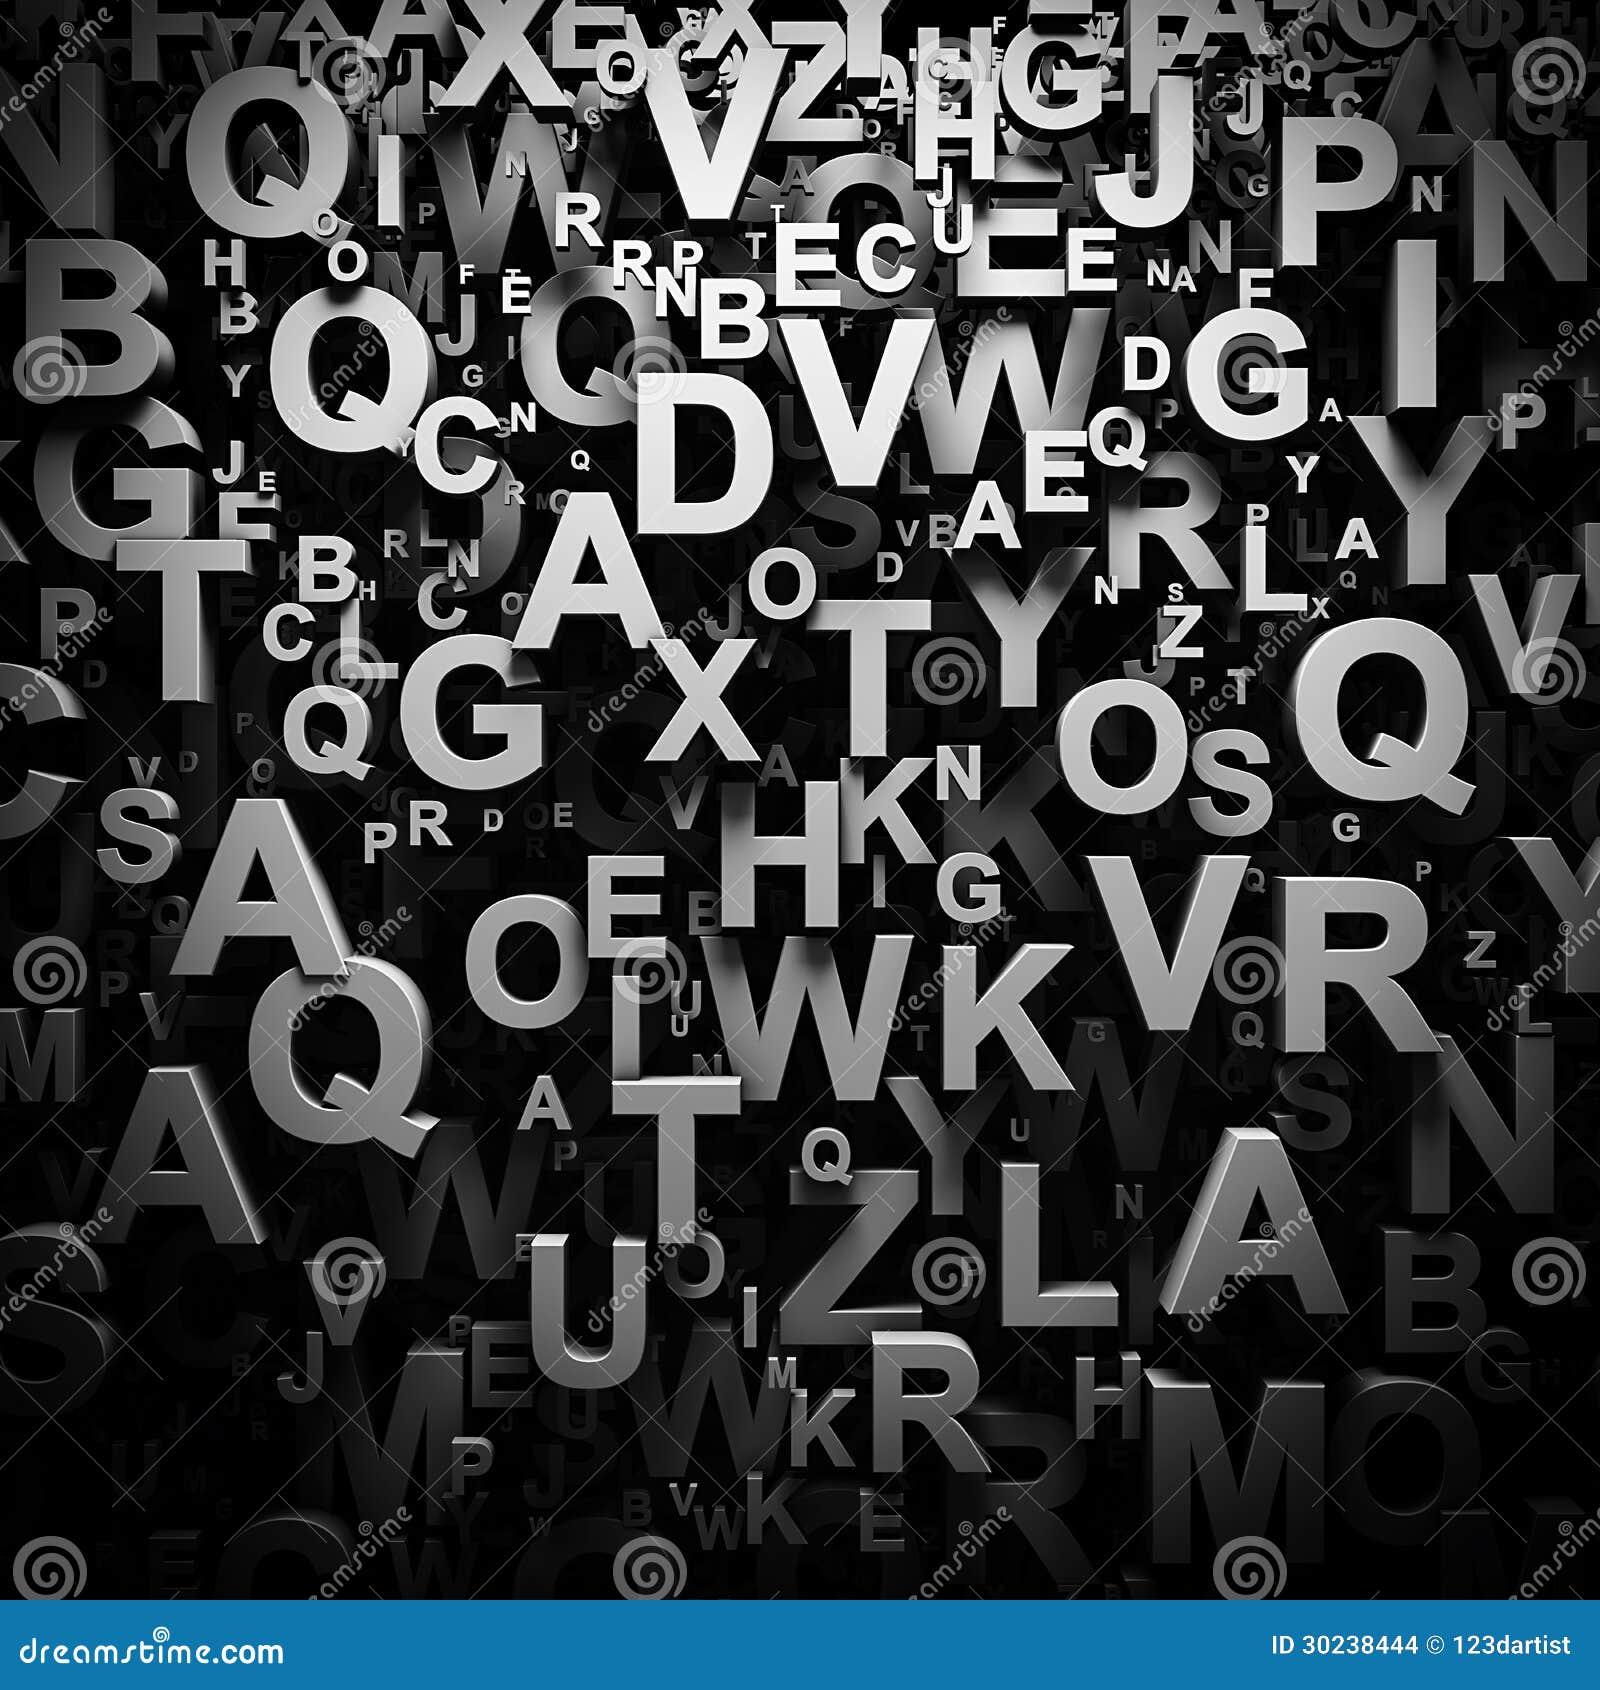 3d pone letras al papel pintado stock de ilustraci n - Papel pintado letras para paredes ...